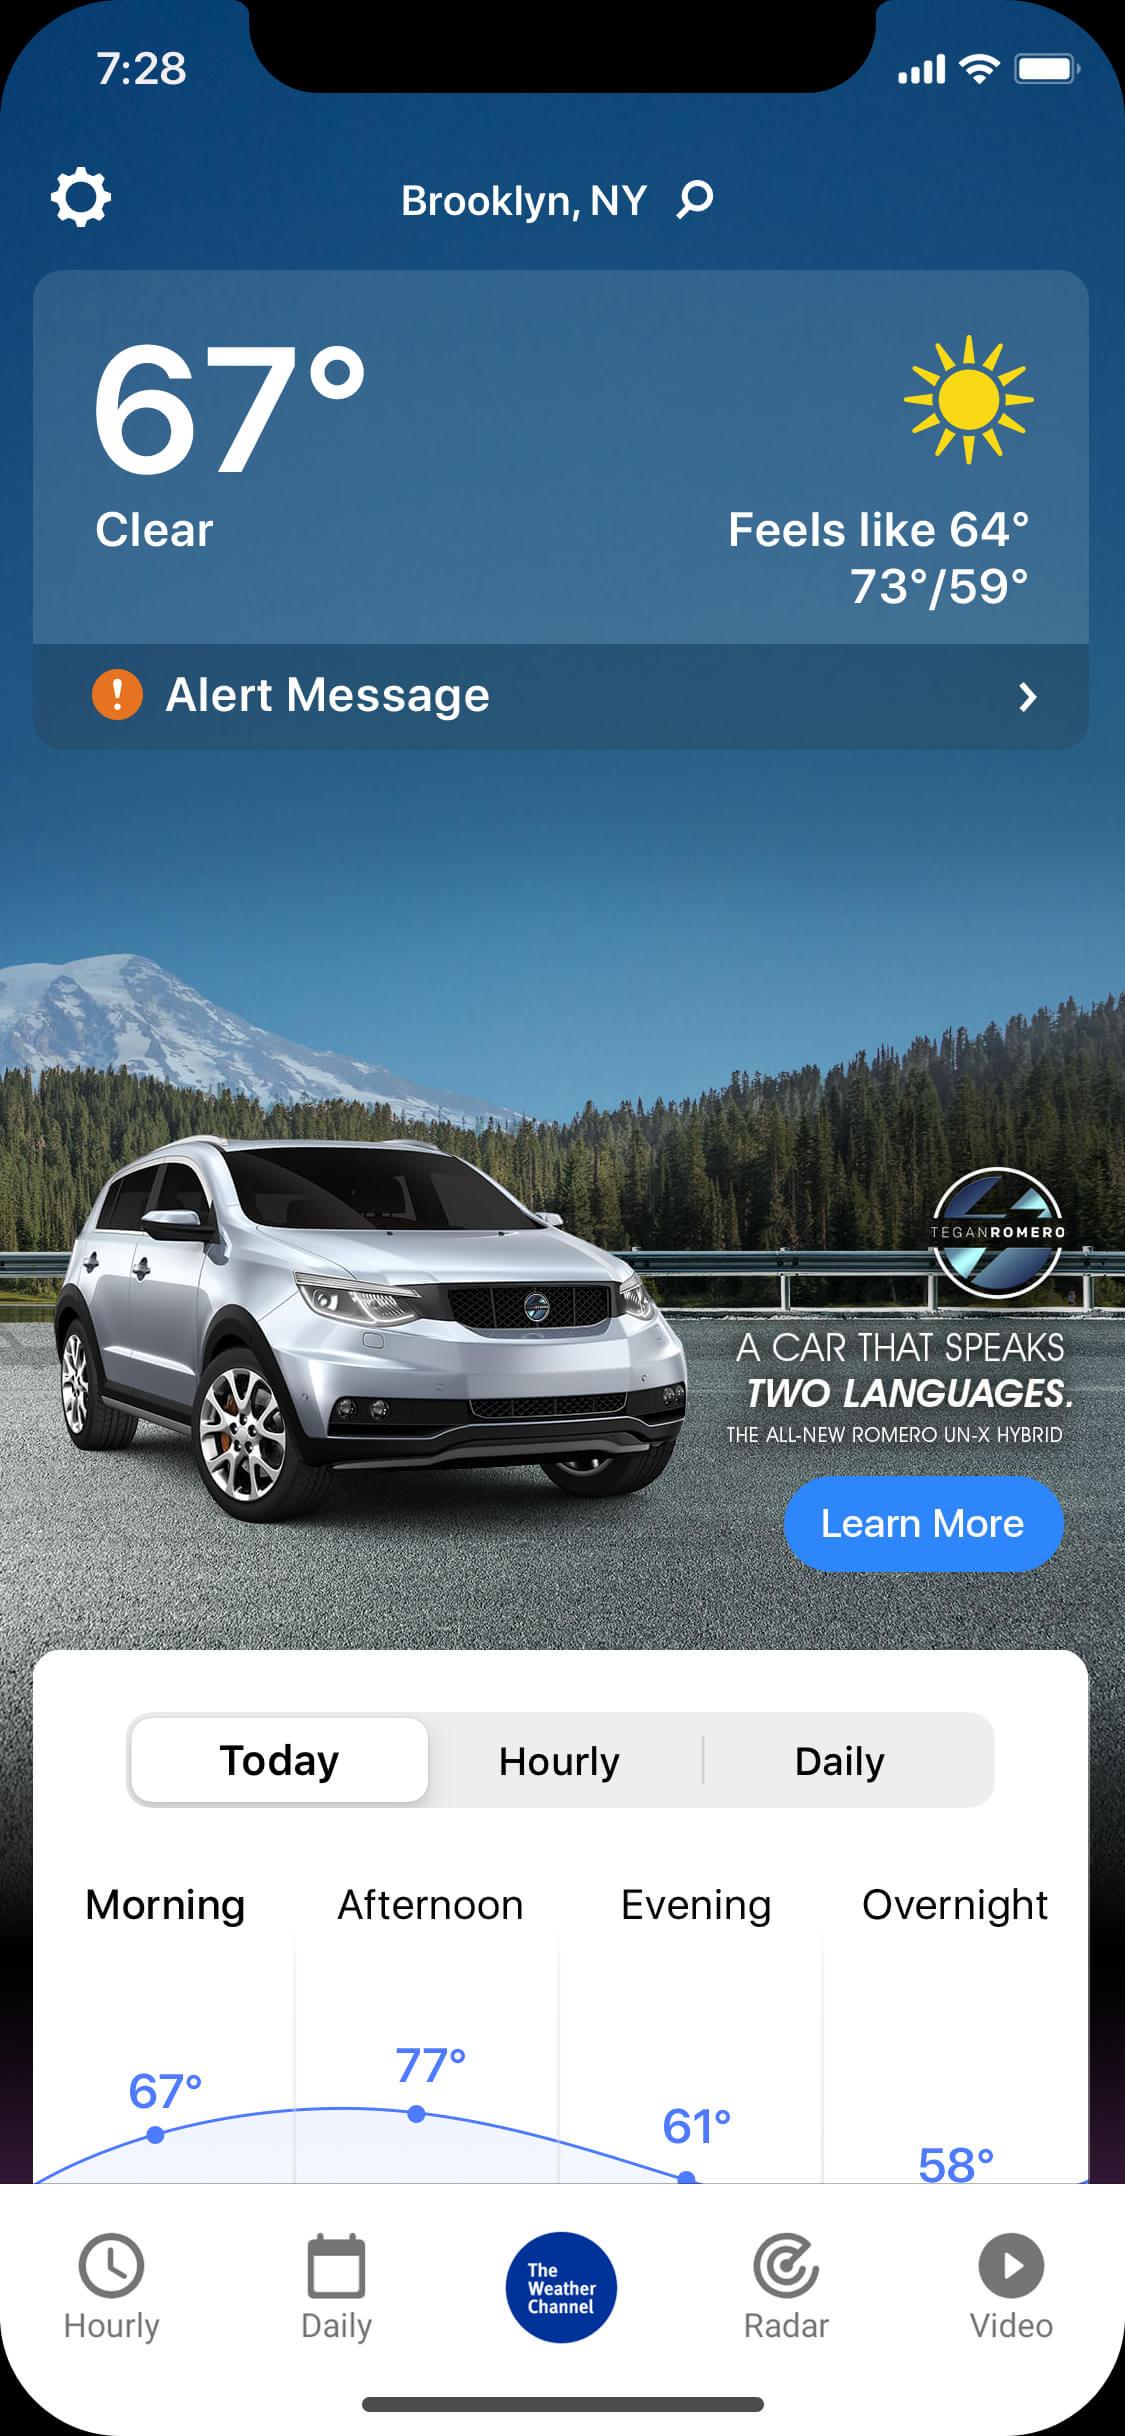 Generic_Automobile-Remero_Hybrid-clear_day-KILO